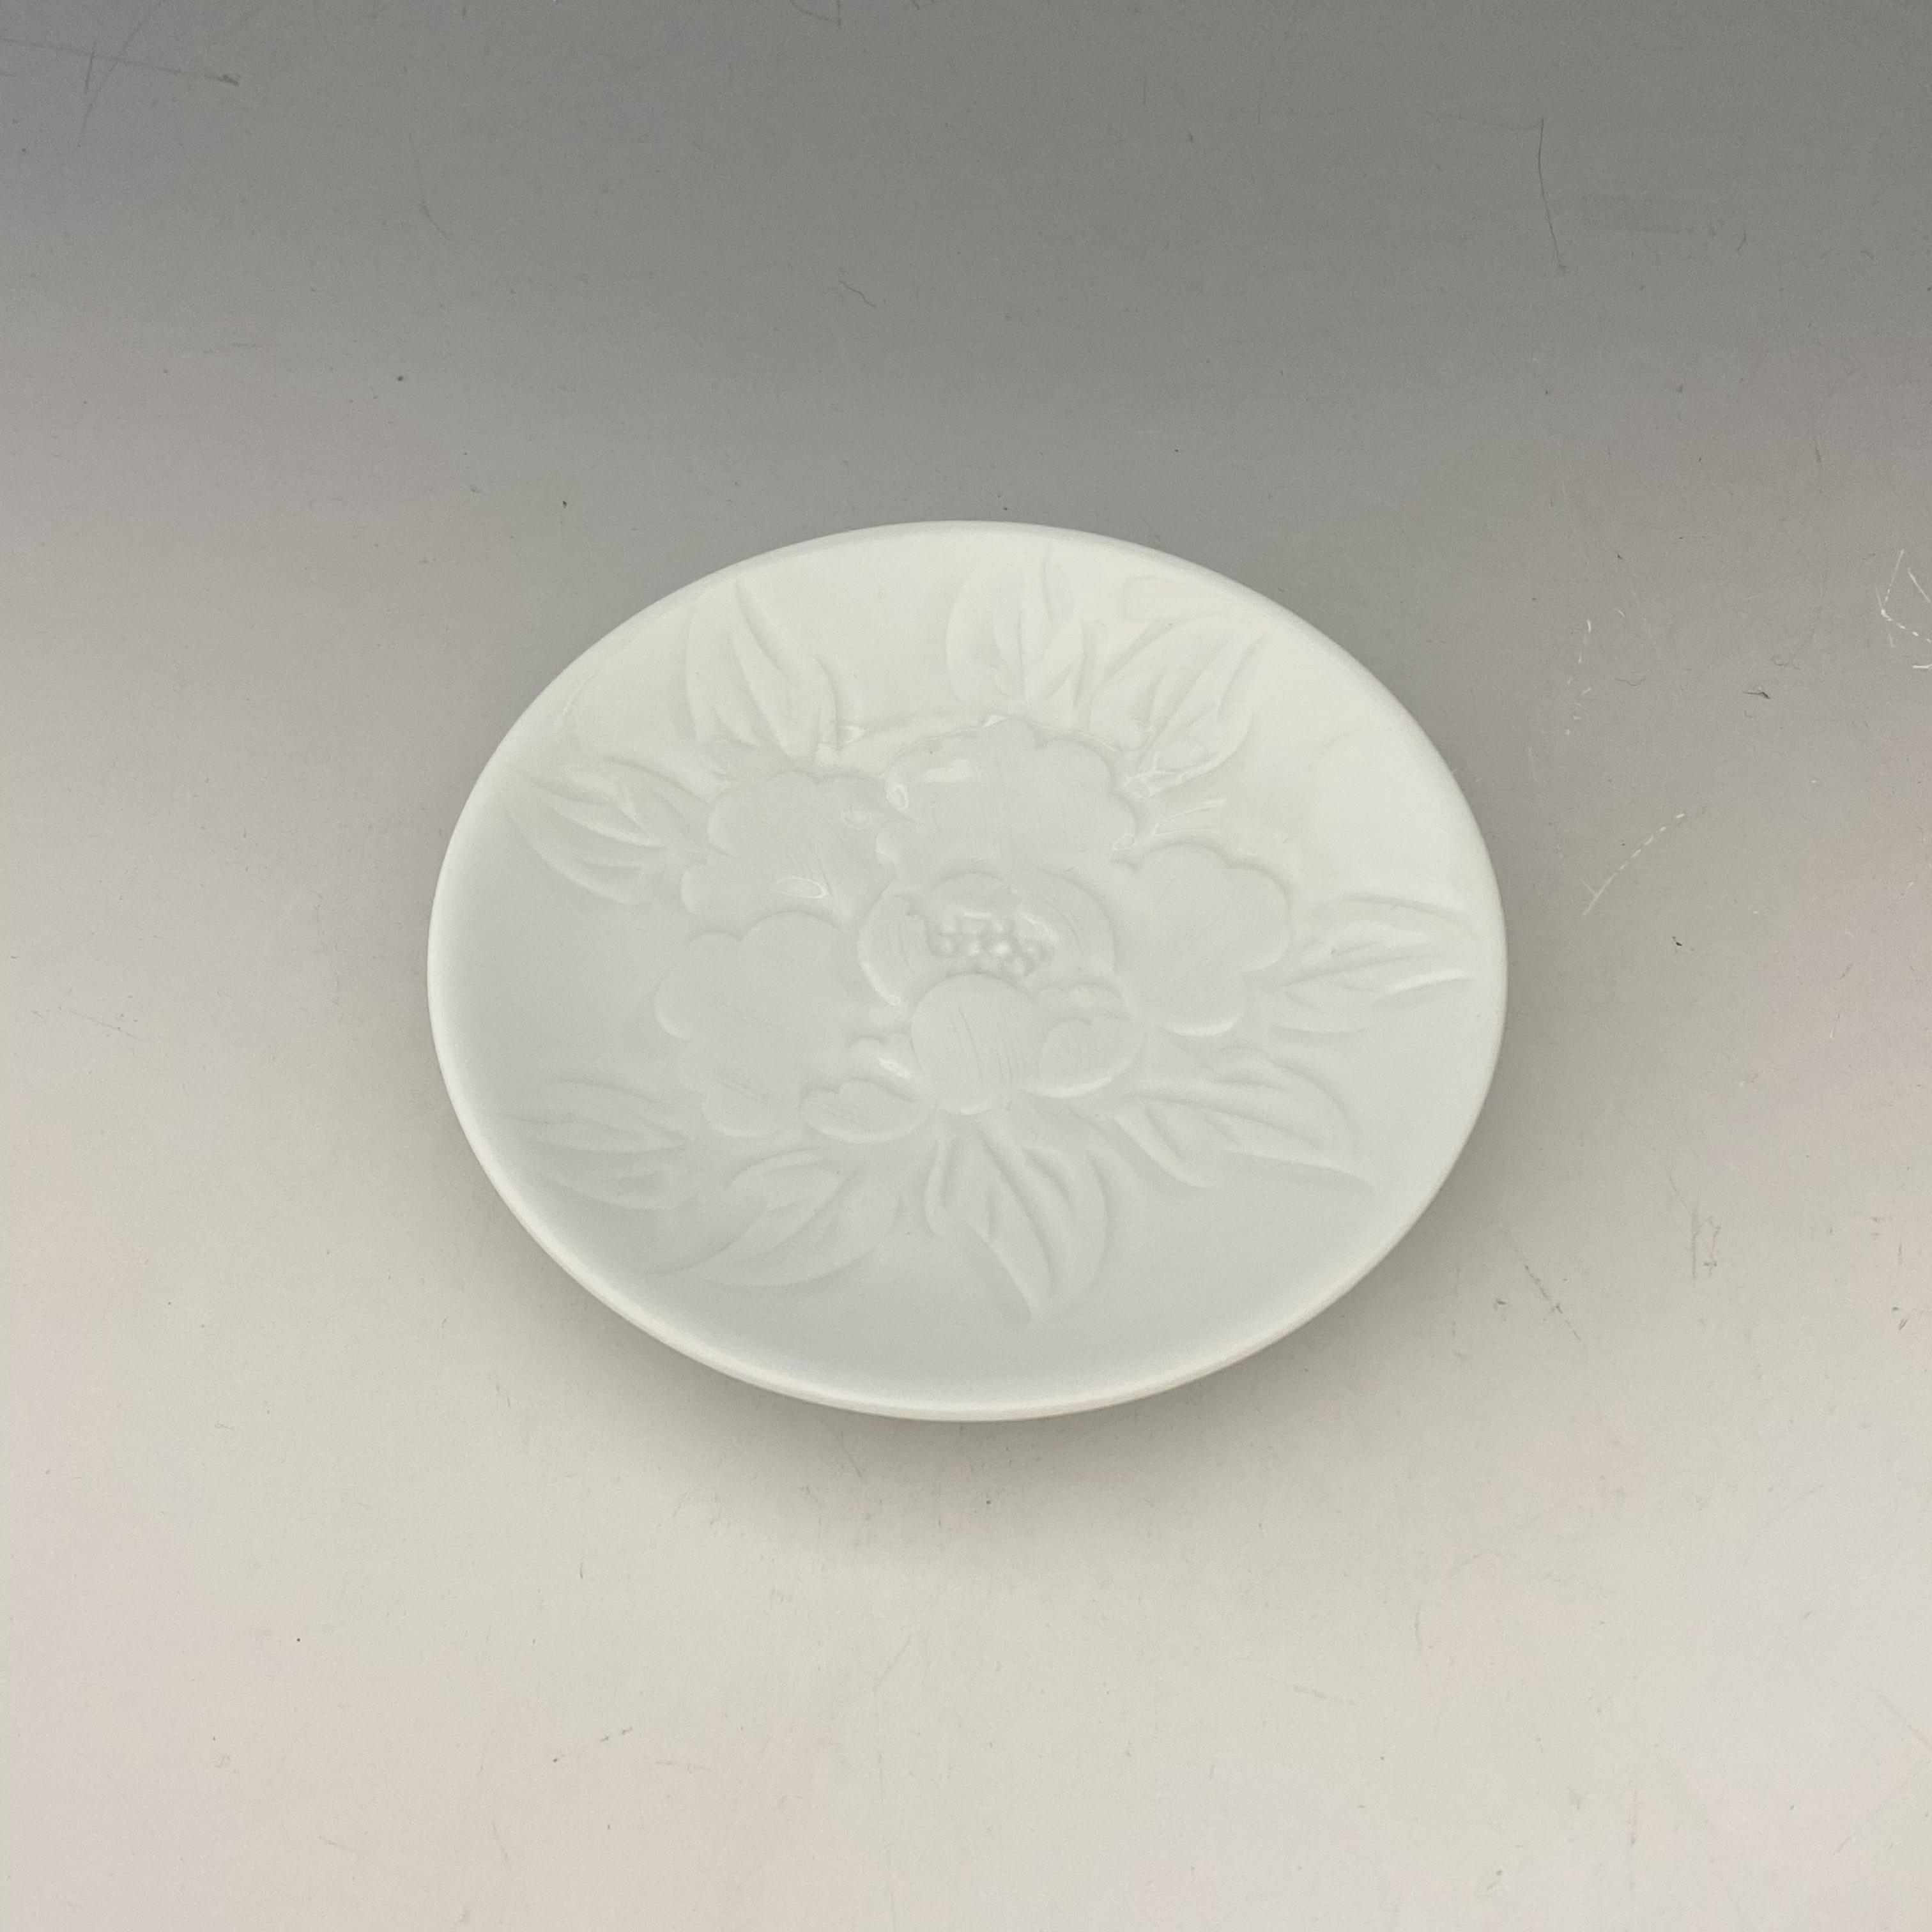 【中尾恭純】白磁牡丹彫小皿